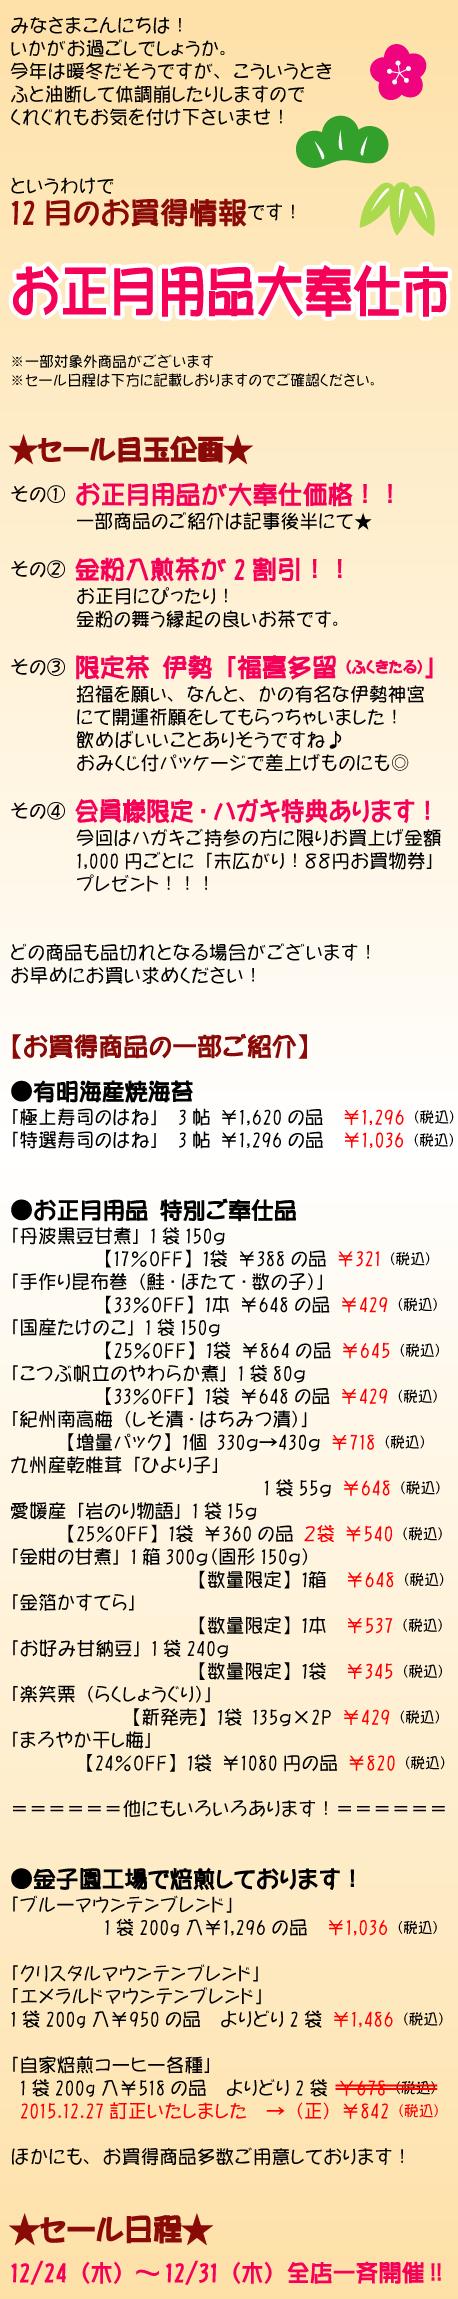 201512_teisei